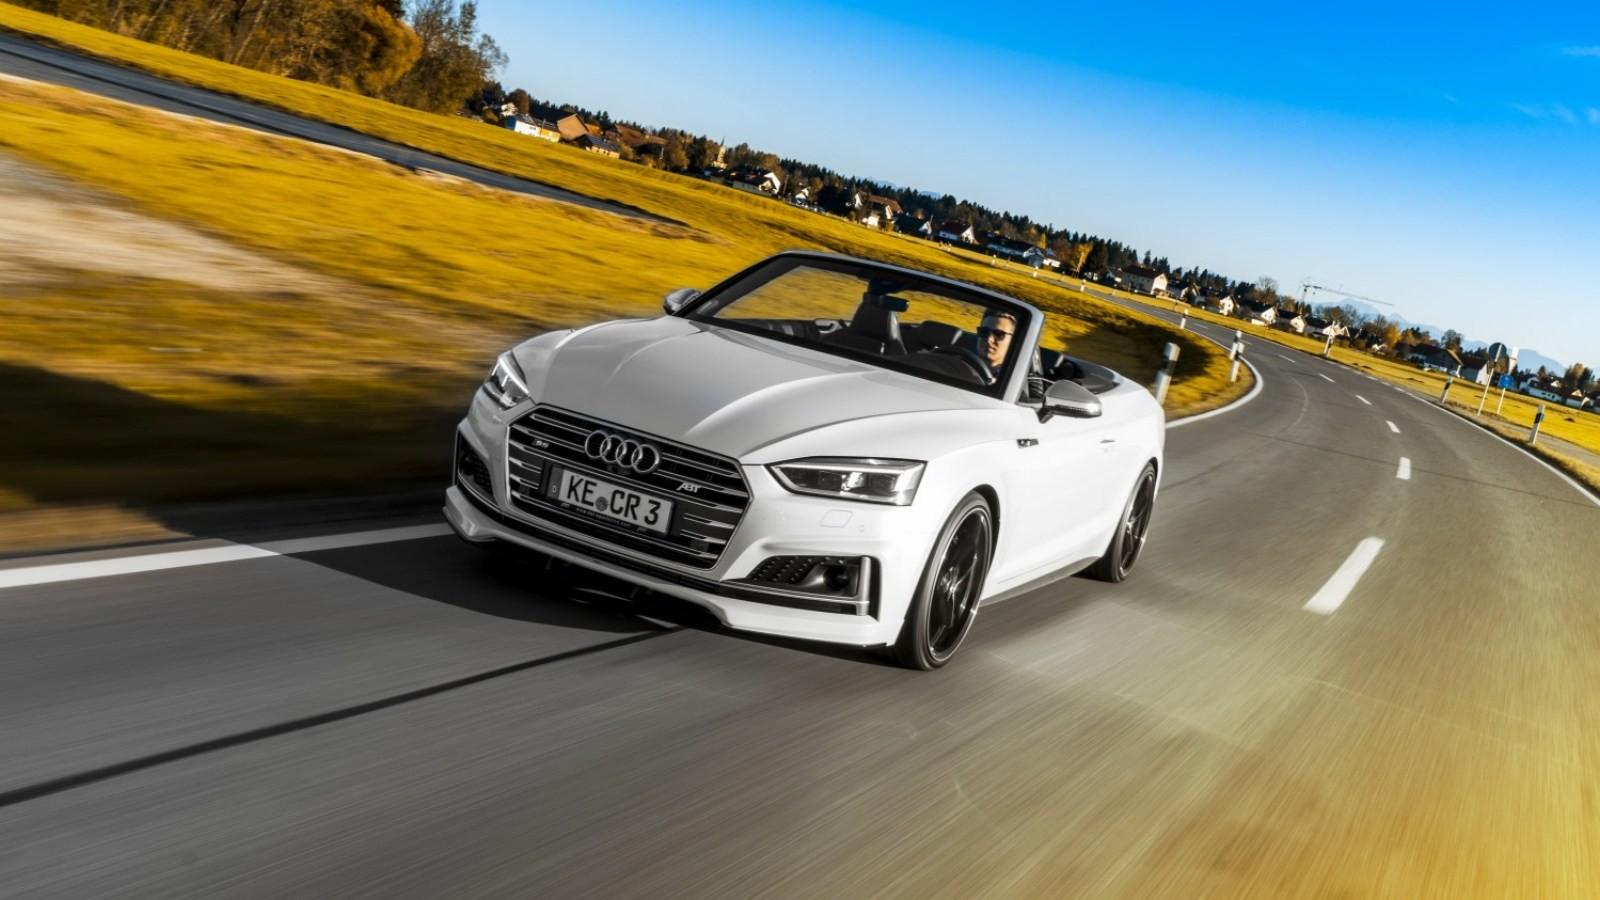 Тюнинг-ателье АВТ представило экстремальную версию Ауди A5 и Ауди S5